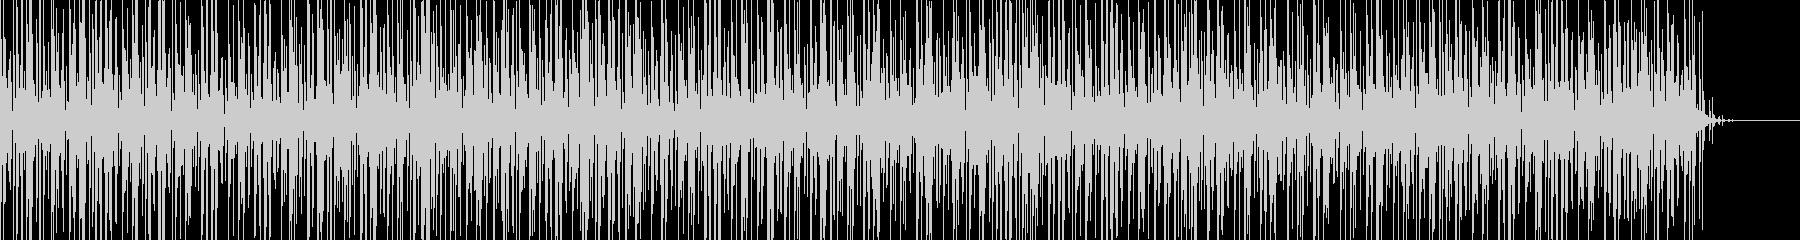 実用的な緊迫感のあるシンセBGM5の未再生の波形